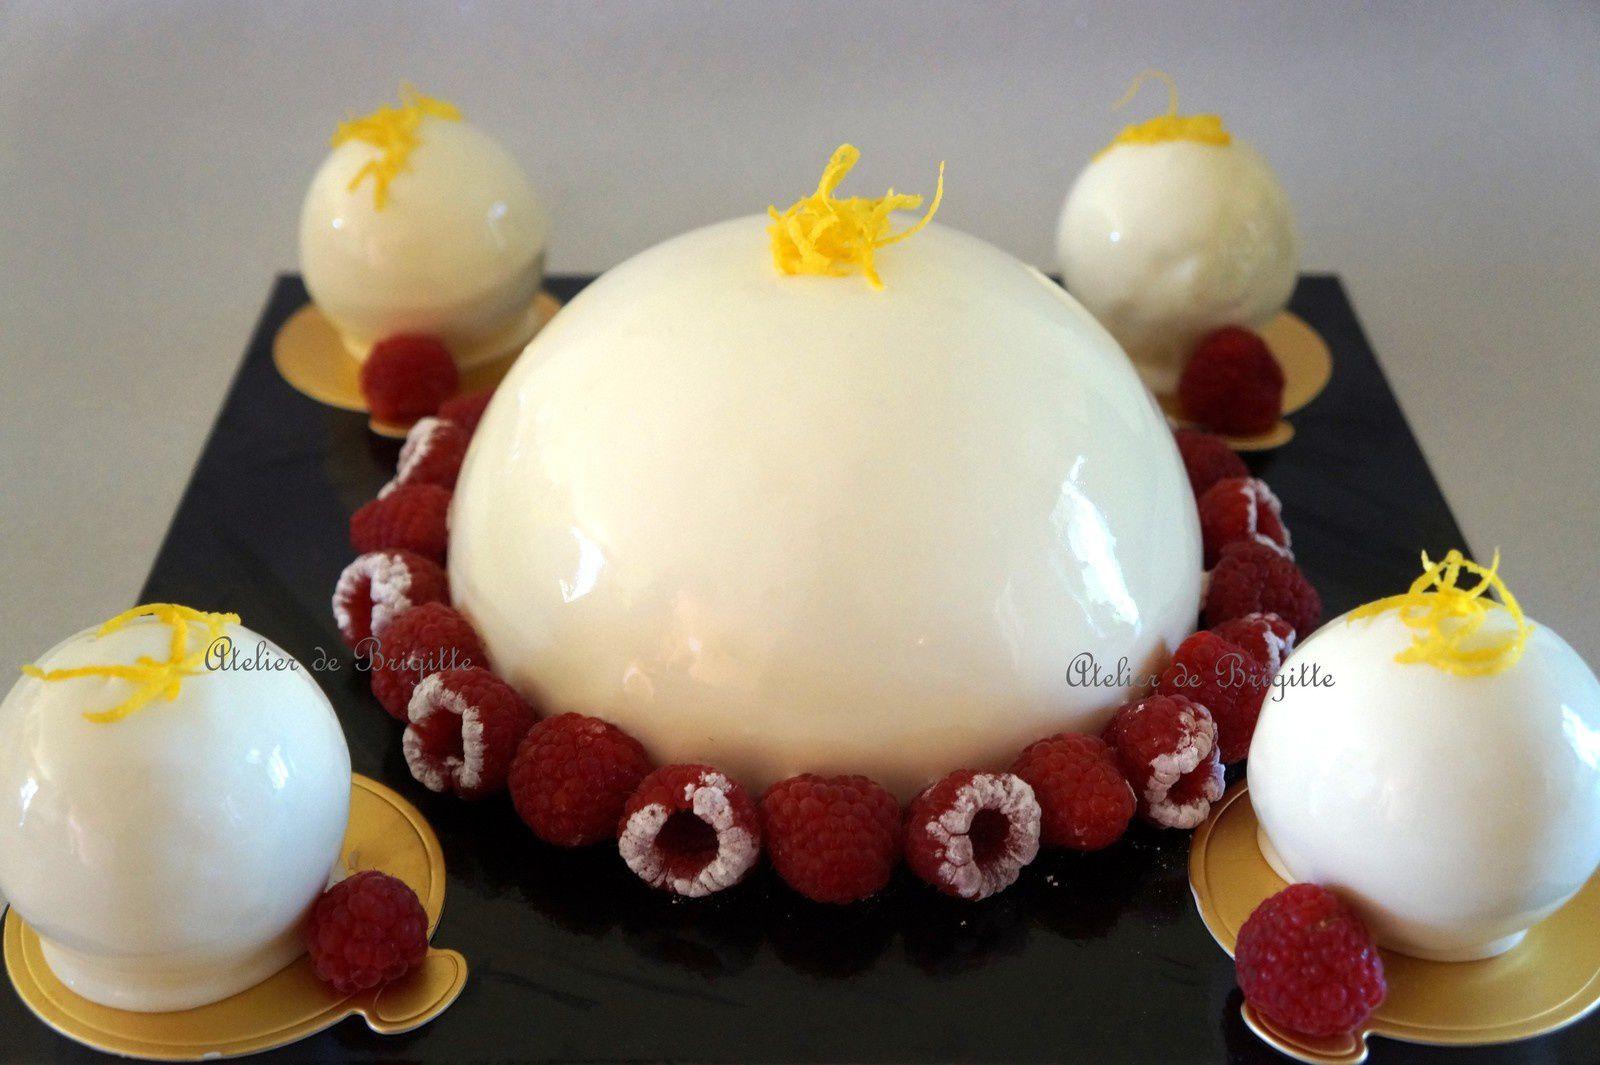 Dôme Citron insert confit de framboises et ses petites sphères